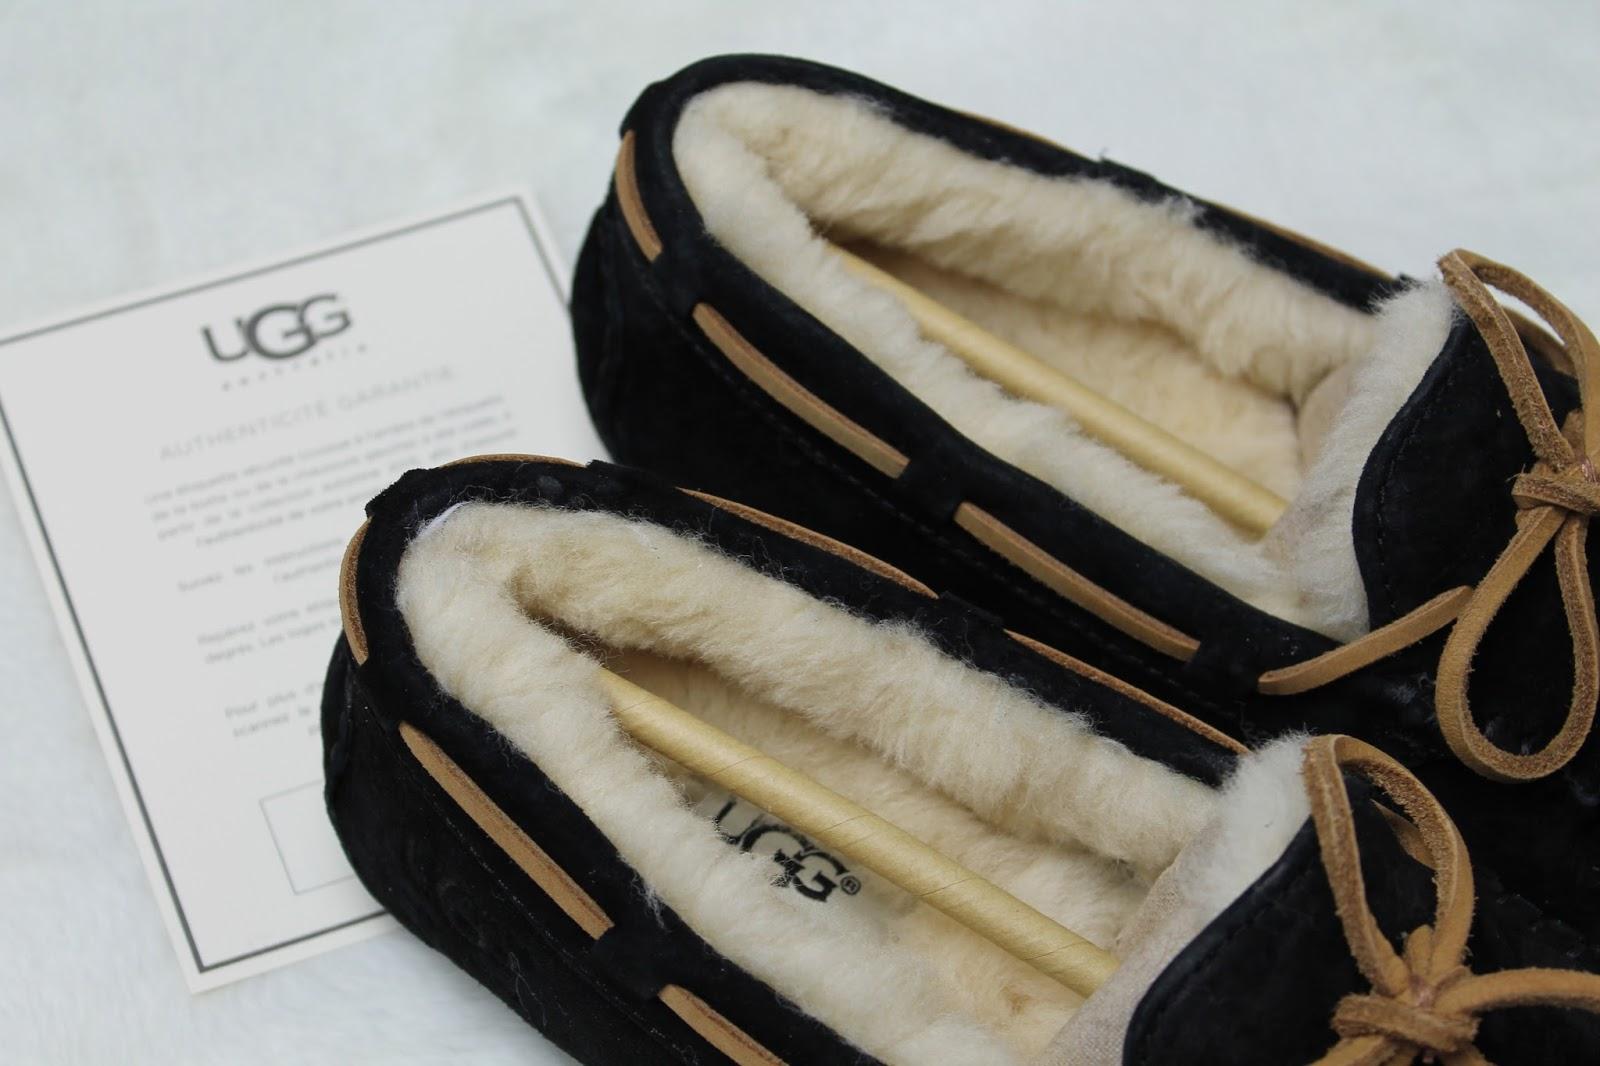 ugg australia mocassins laine cuir dakota pewter chaussons fourrés gris concours